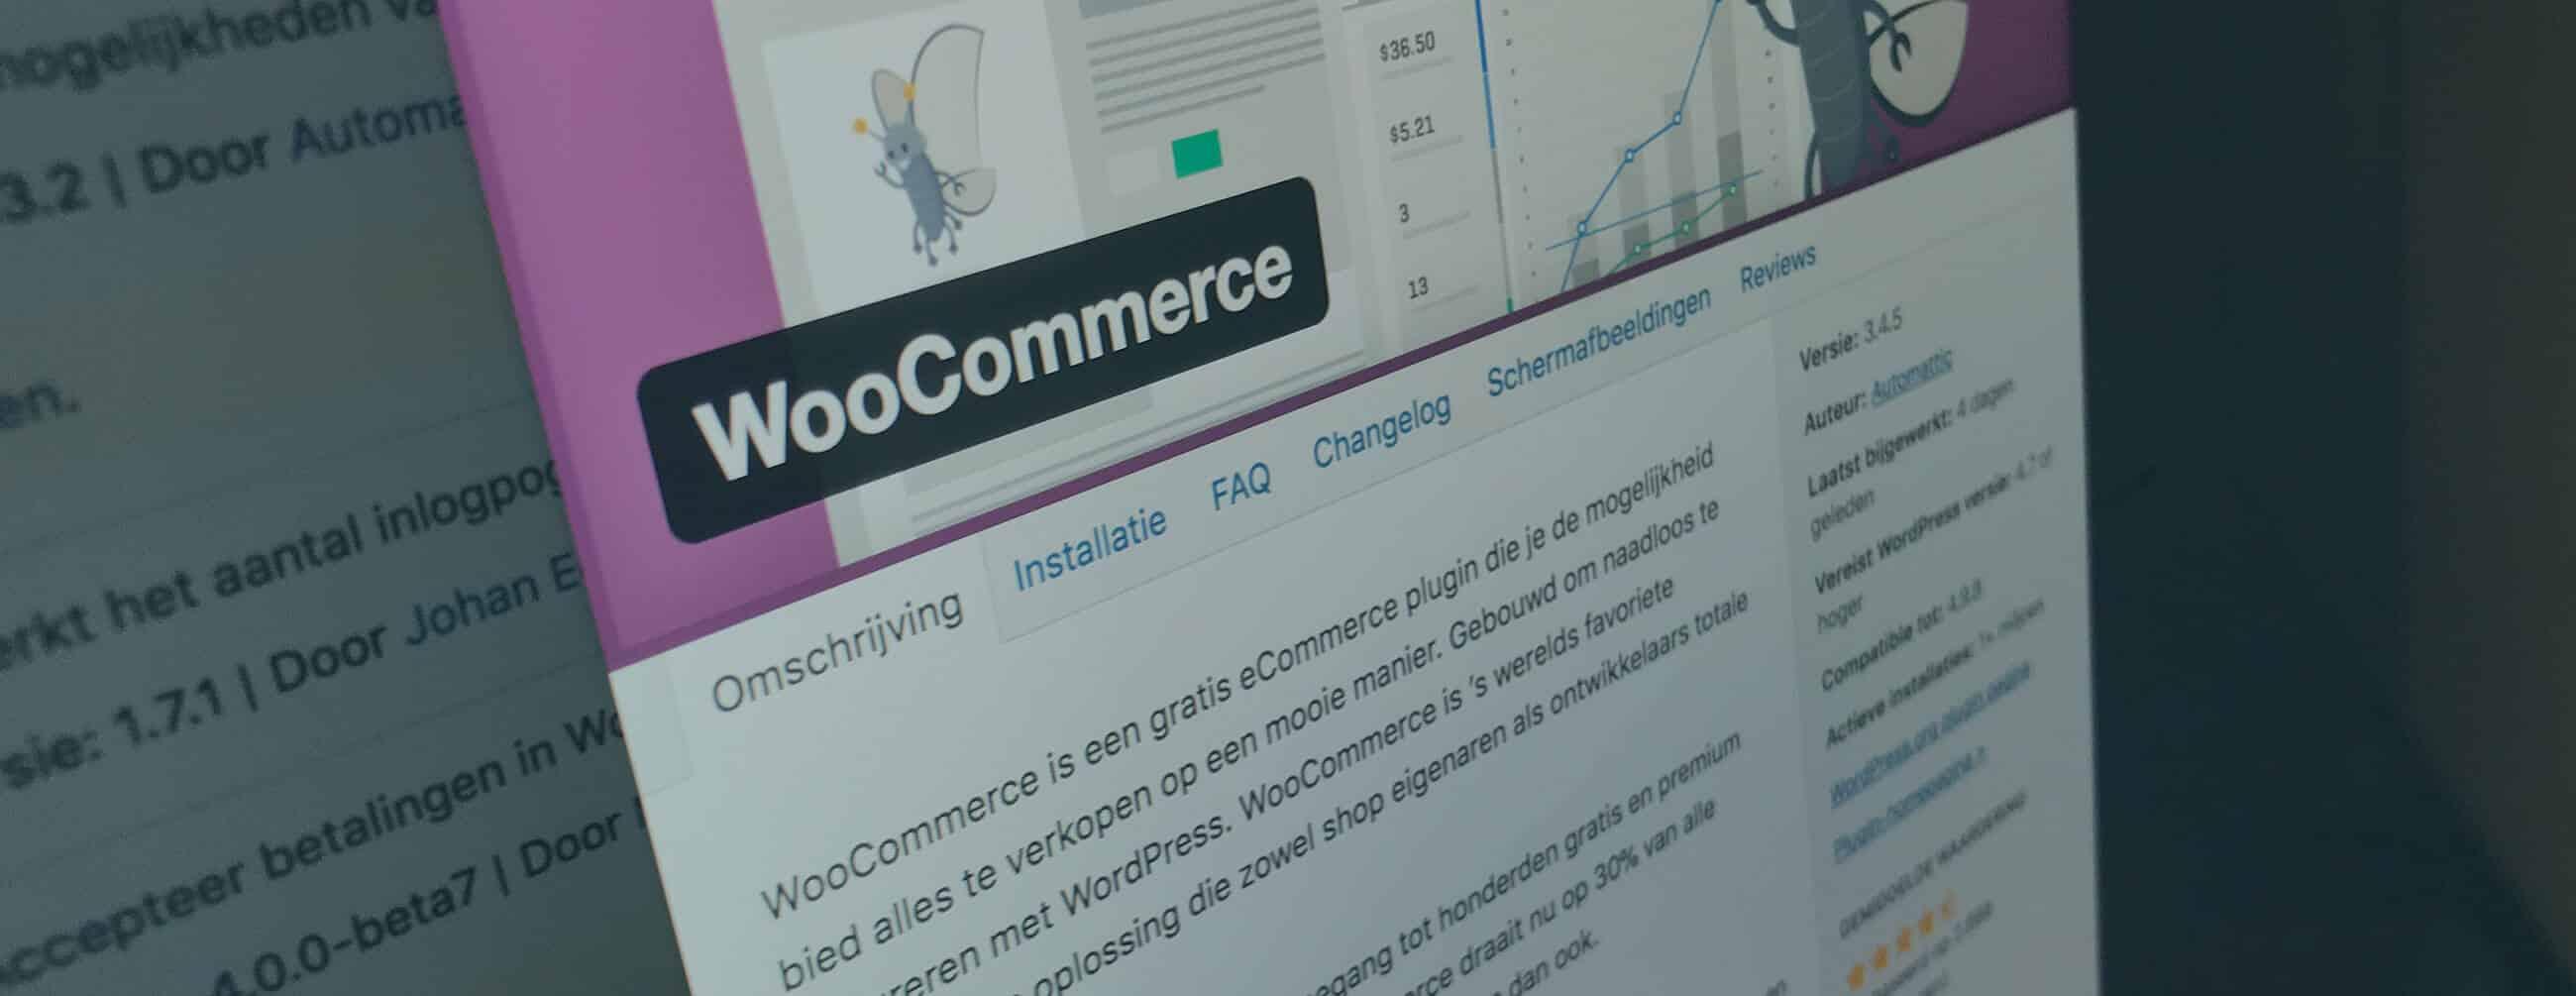 Woocommerce als basis voor online succes